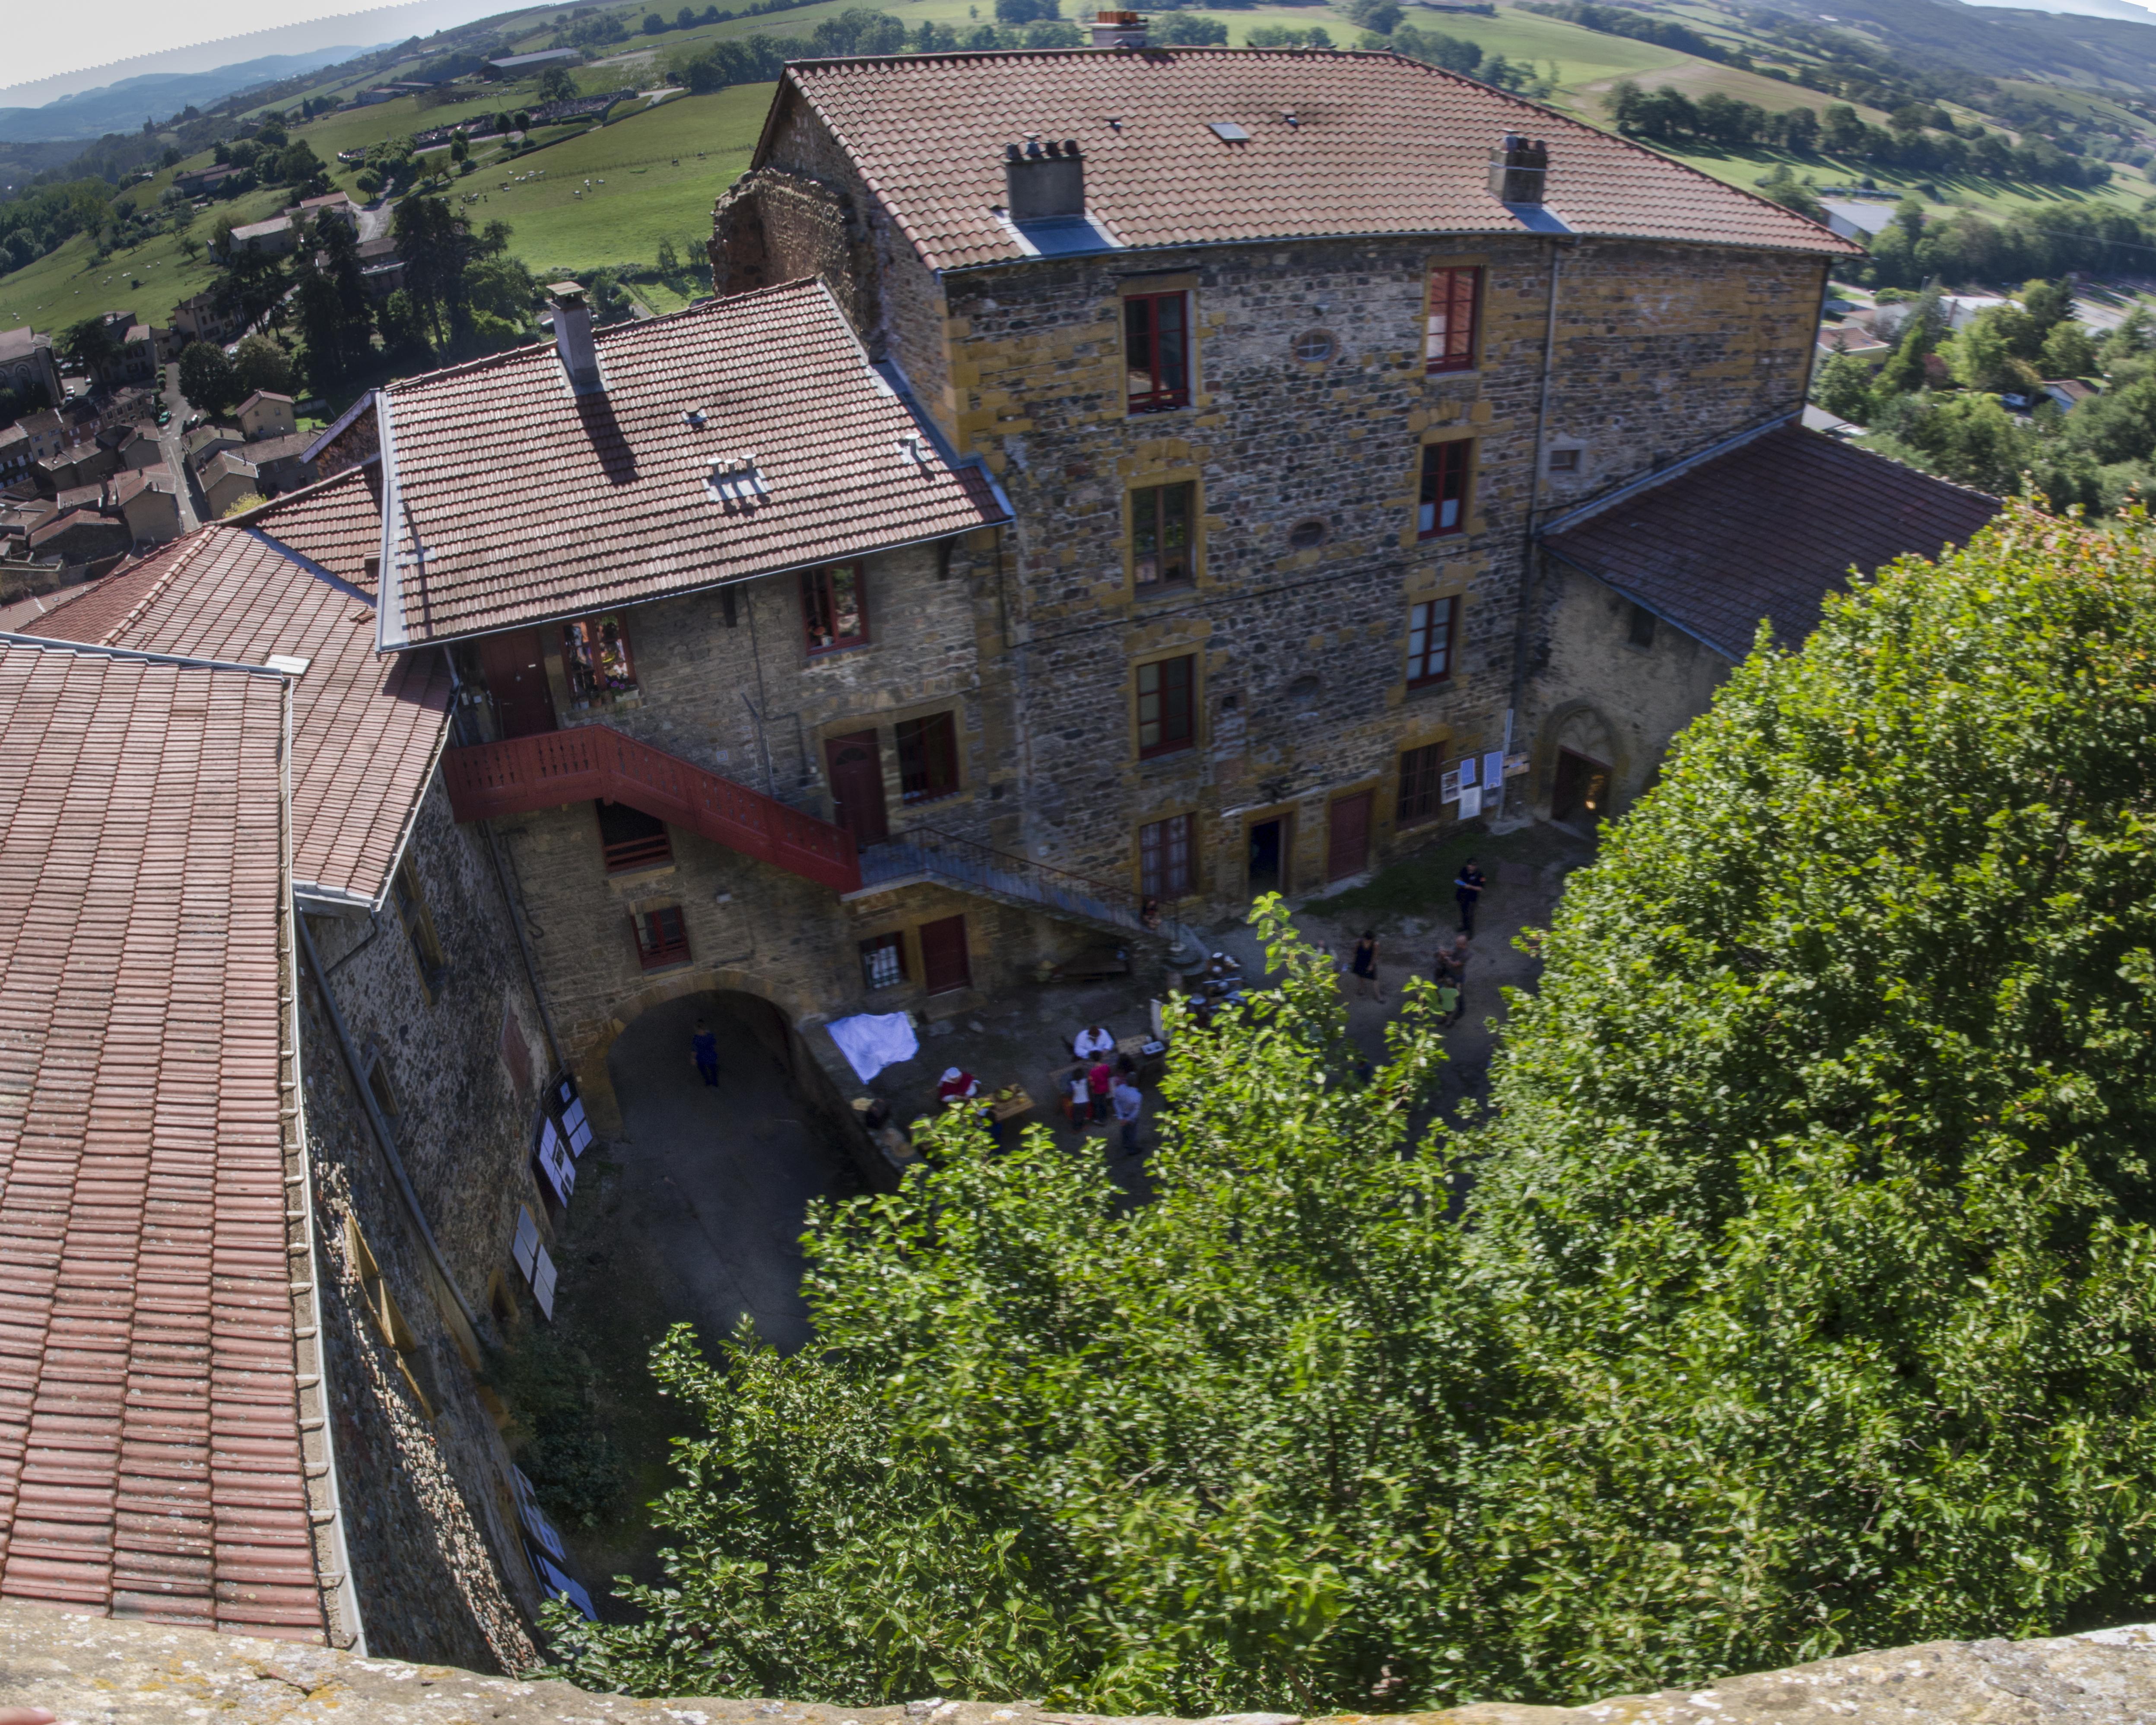 File:Chateau de Montbloy - vue sur cour interieure.jpg - Wikimedia ...